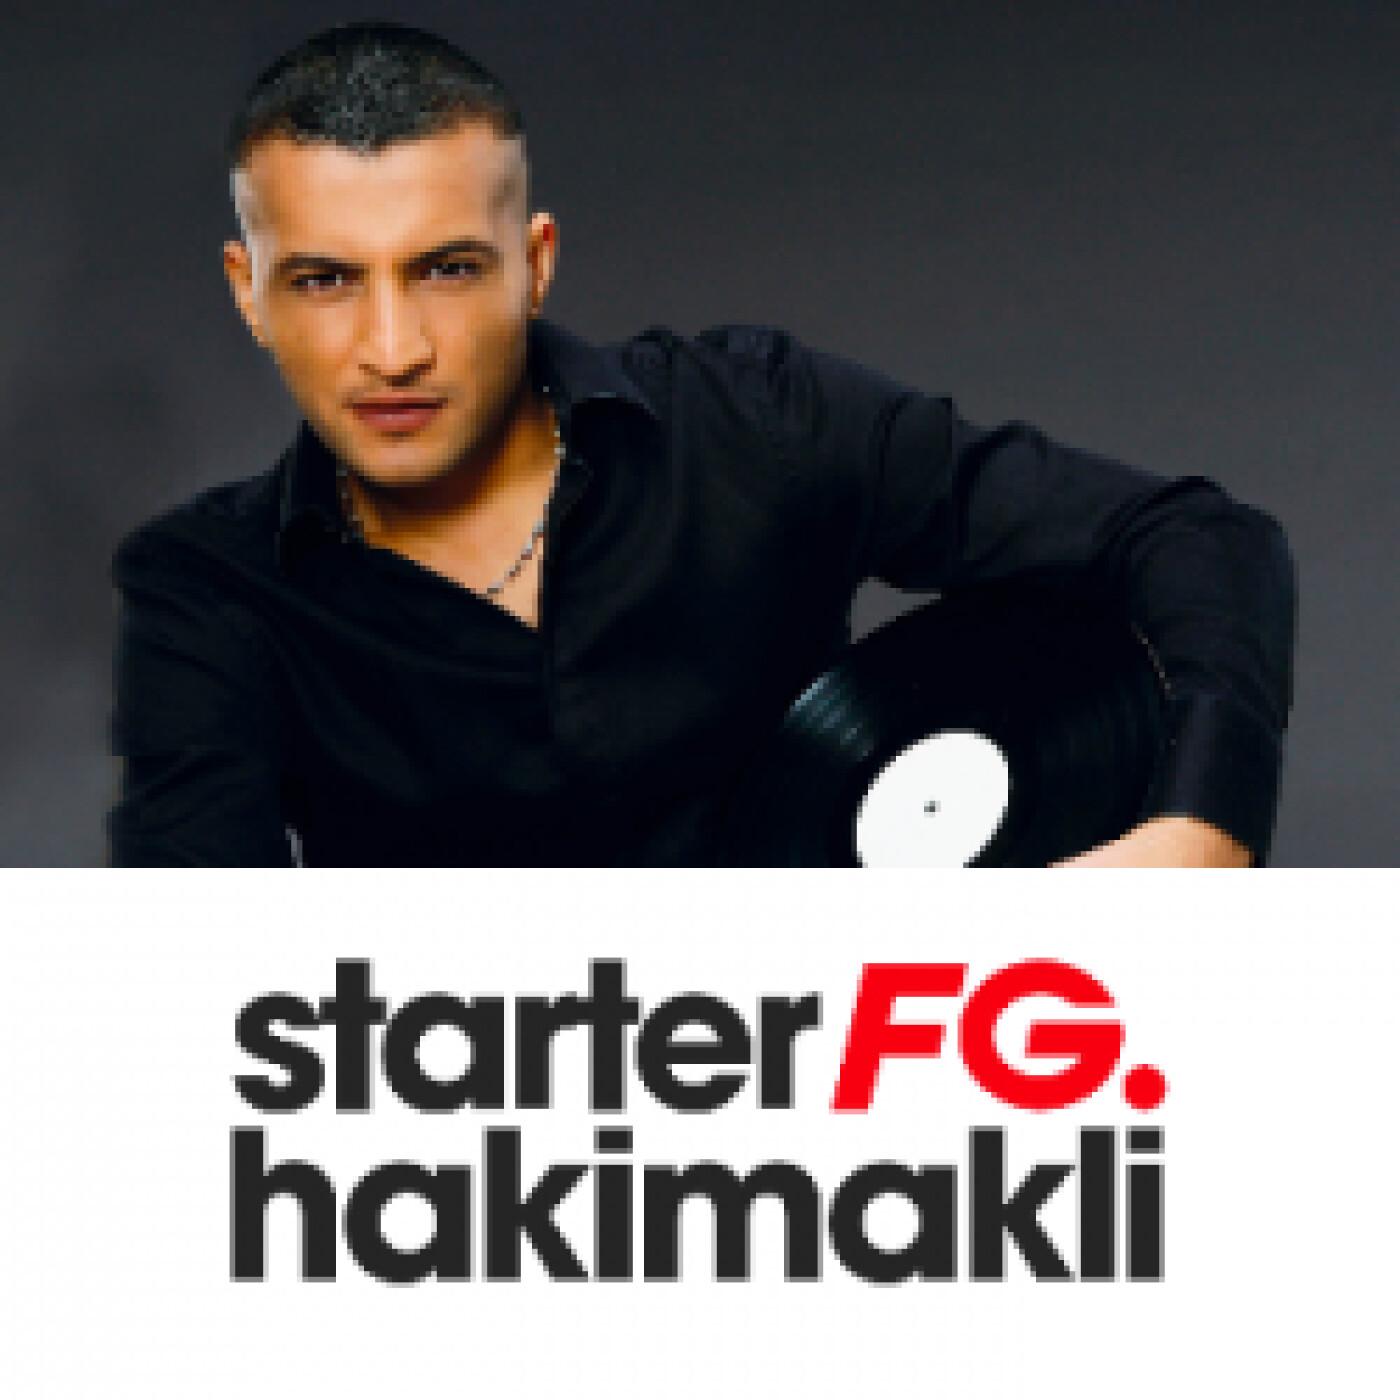 STARTER FG BY HAKIMAKLI MARDI 2 FEVRIER 2021